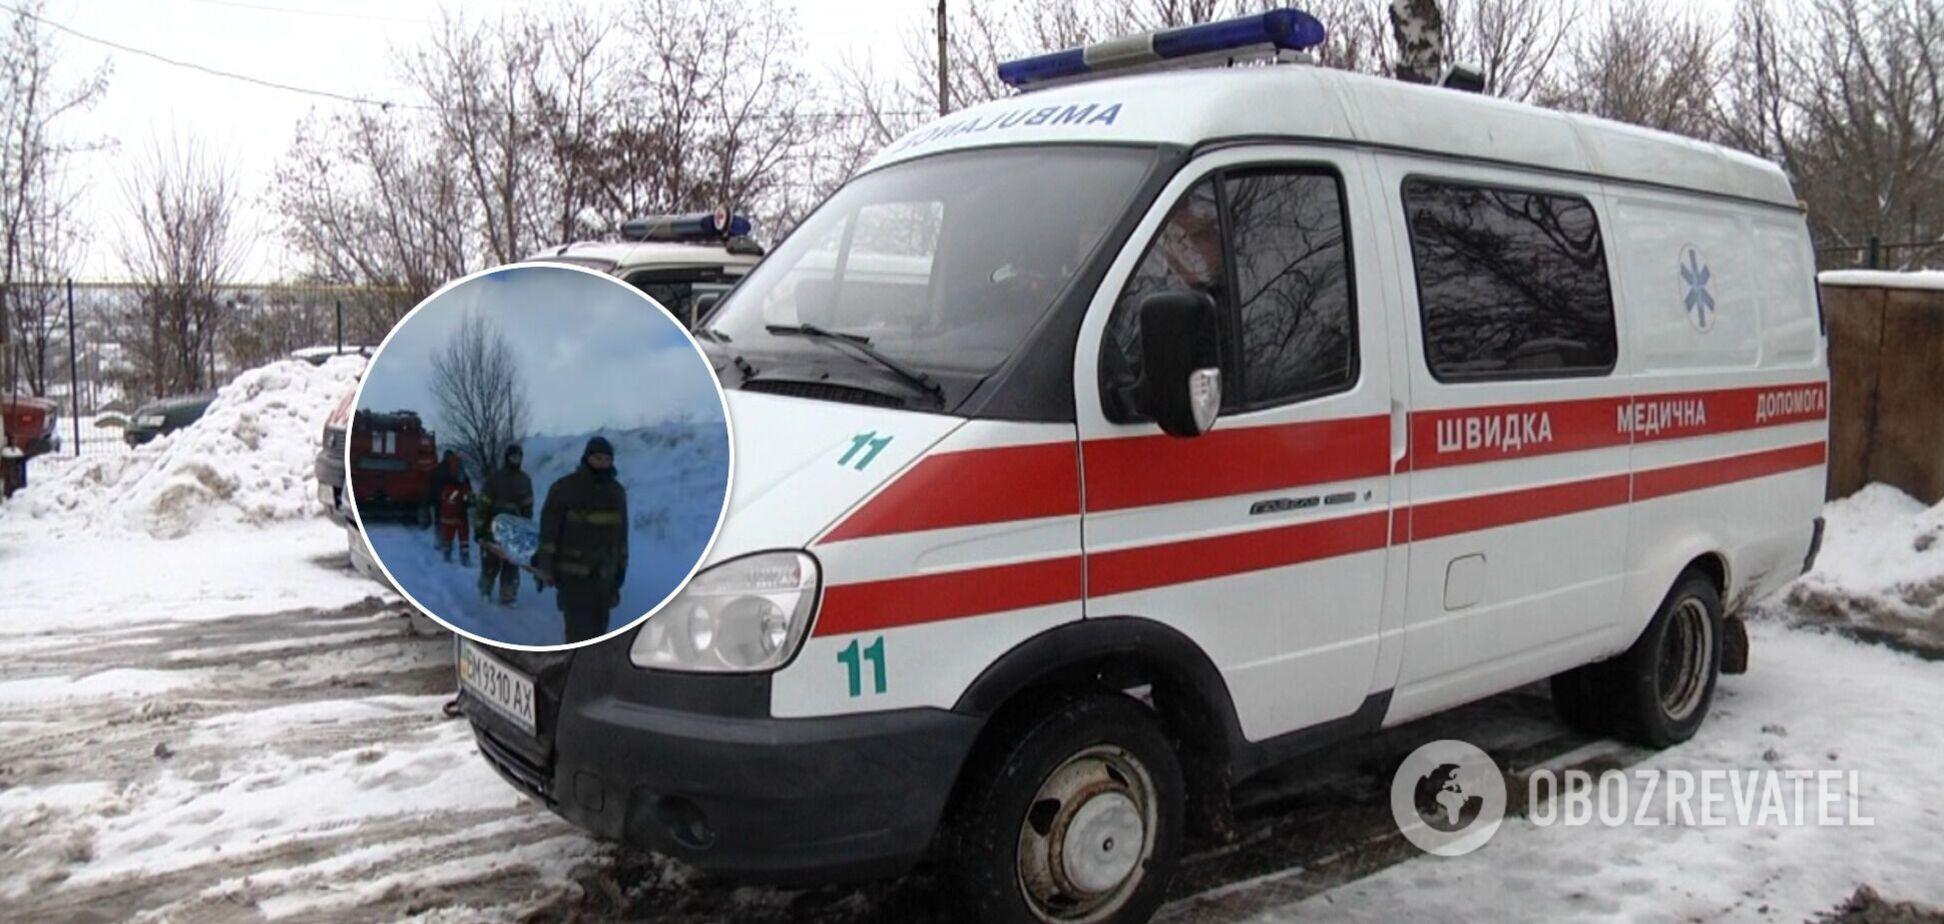 В Украине одна женщина умерла, а вторую спасатели несли 1,5 км из-за застрявших в снегу скорых. Видео